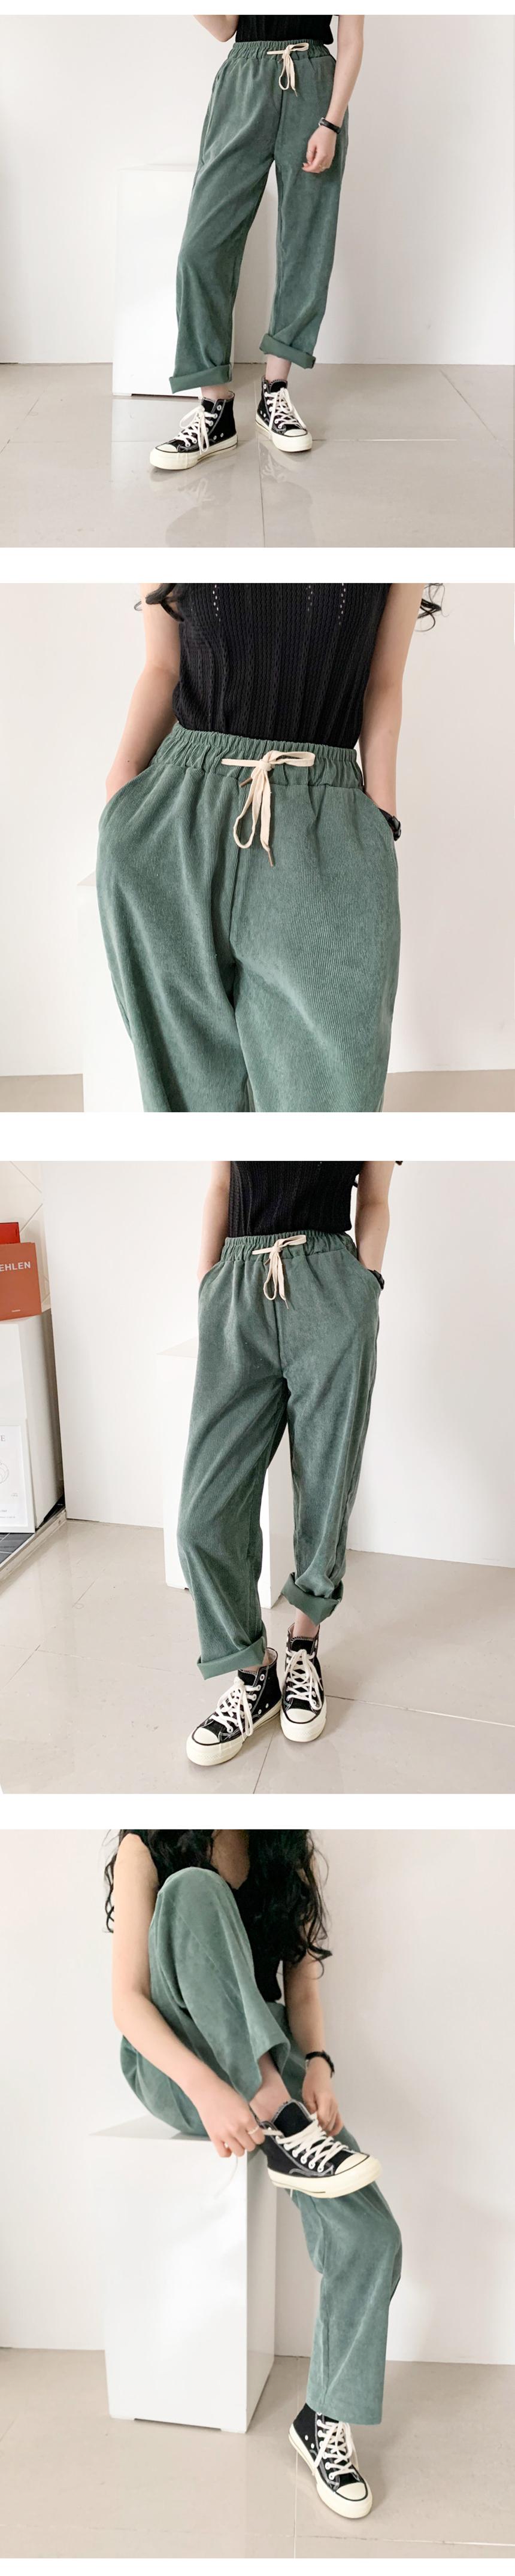 Blending Corduroy Date Banding Pants Golden